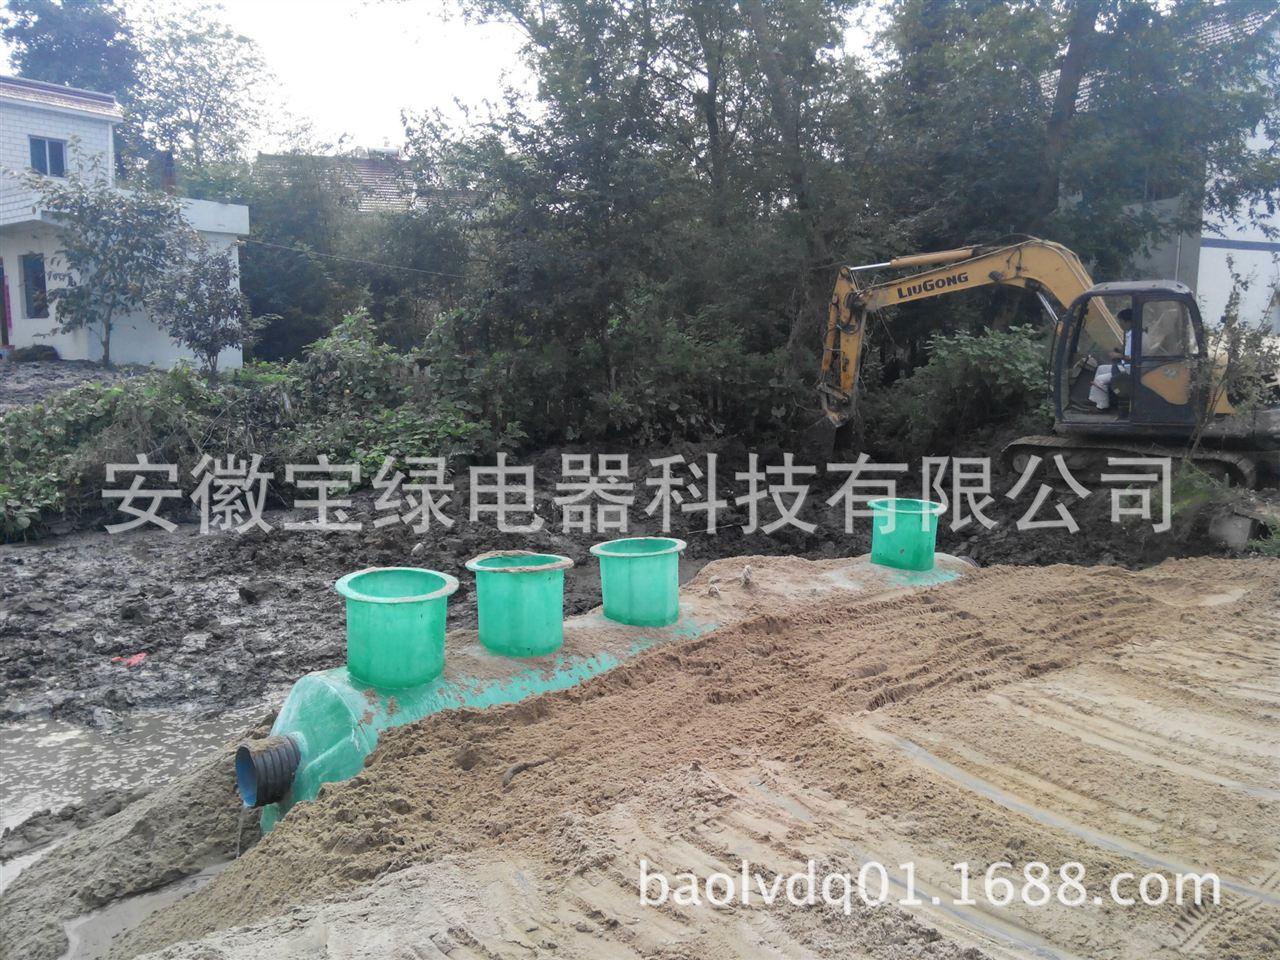 设计而定-供应养猪场化粪池污水处理设备